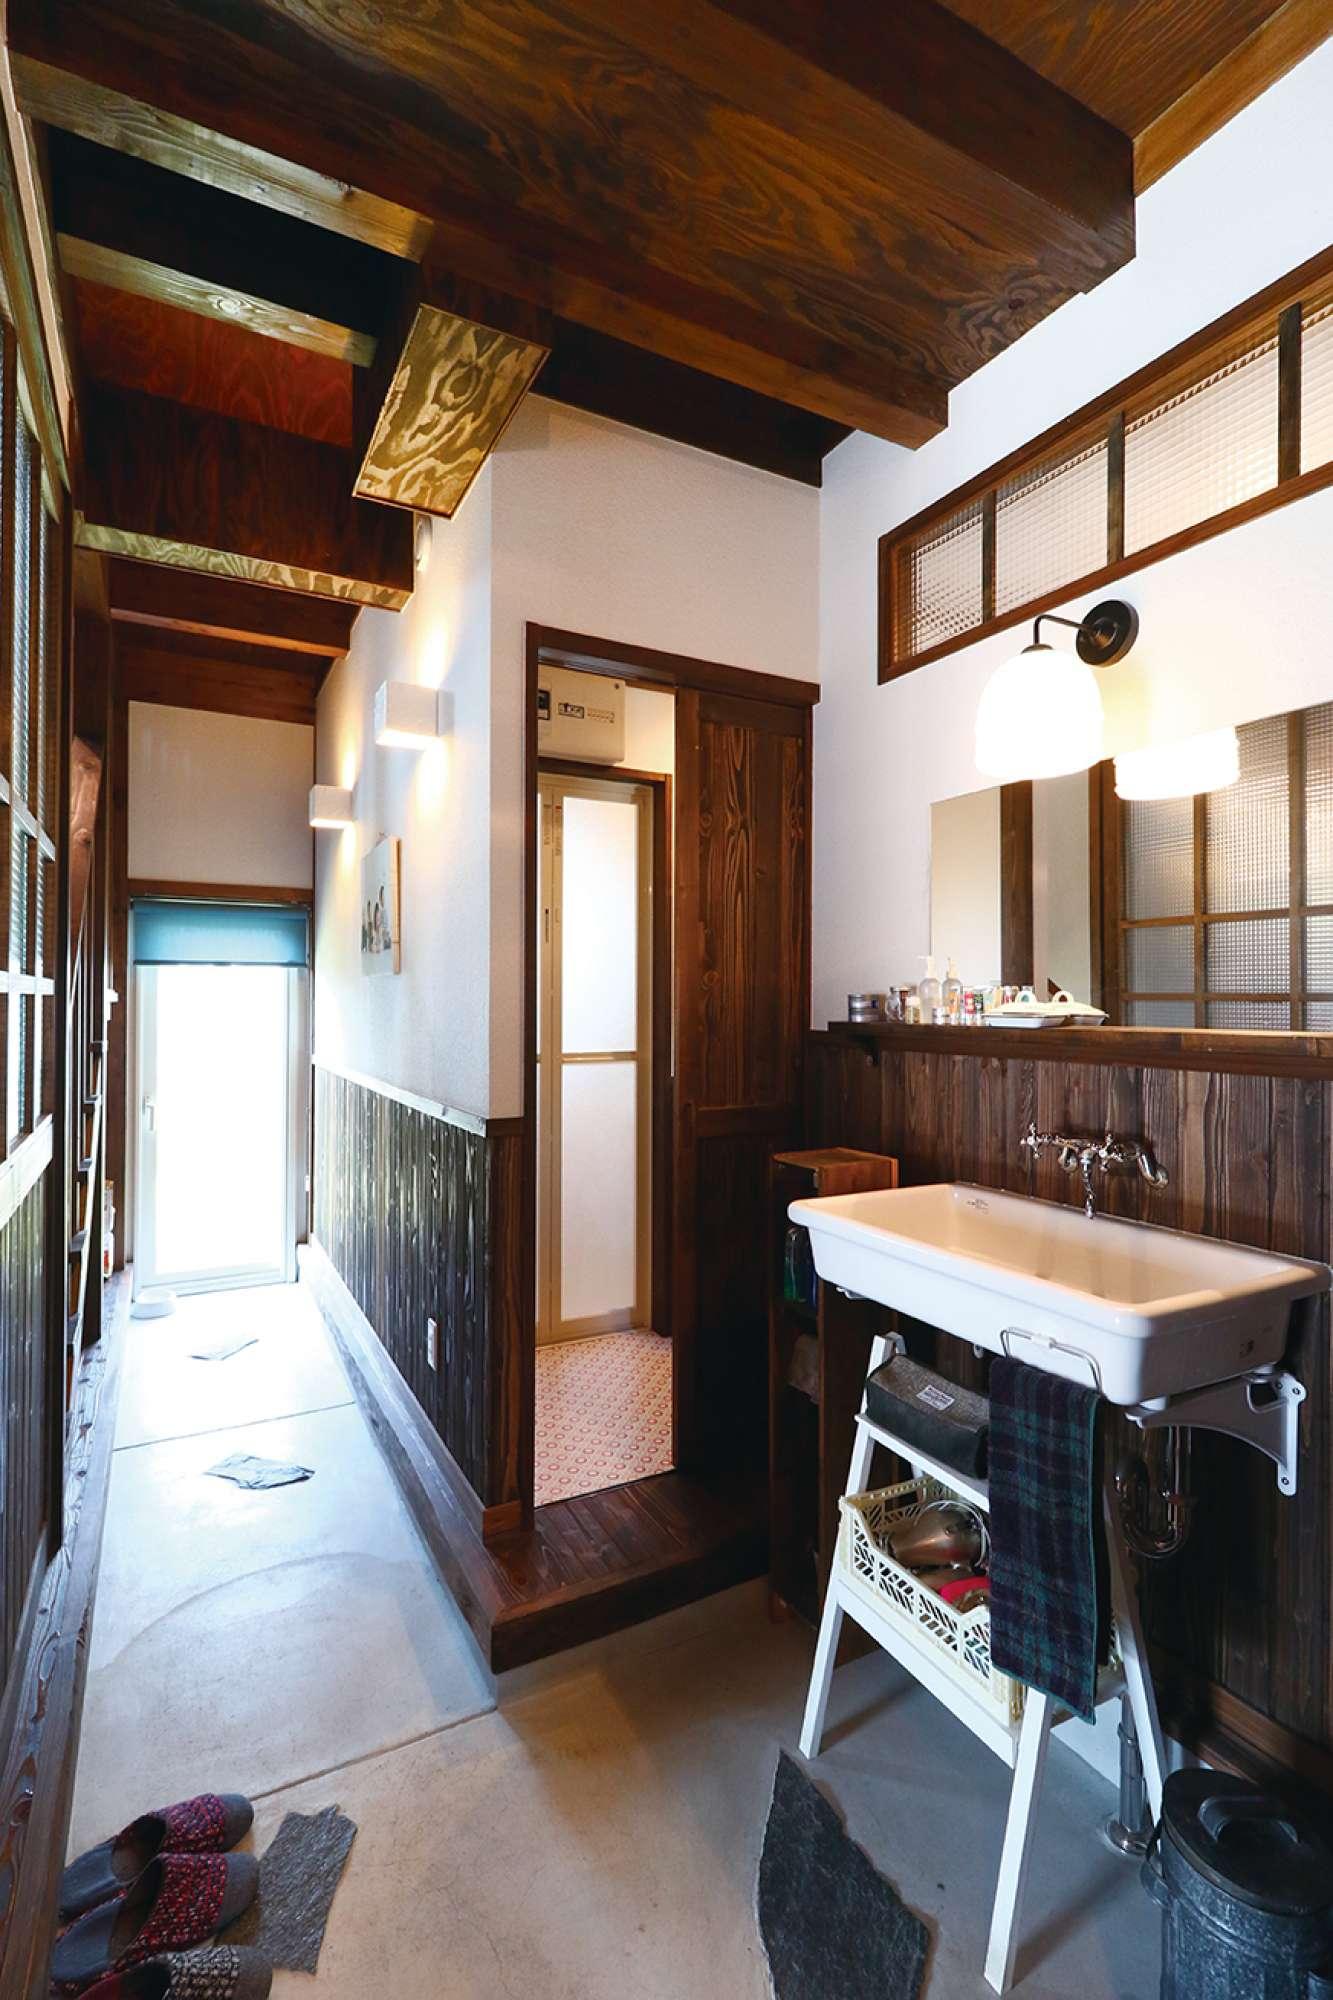 玄関から勝手口まで抜けられる通り土間。右は造作洗面台と浴室入口 -  -  -